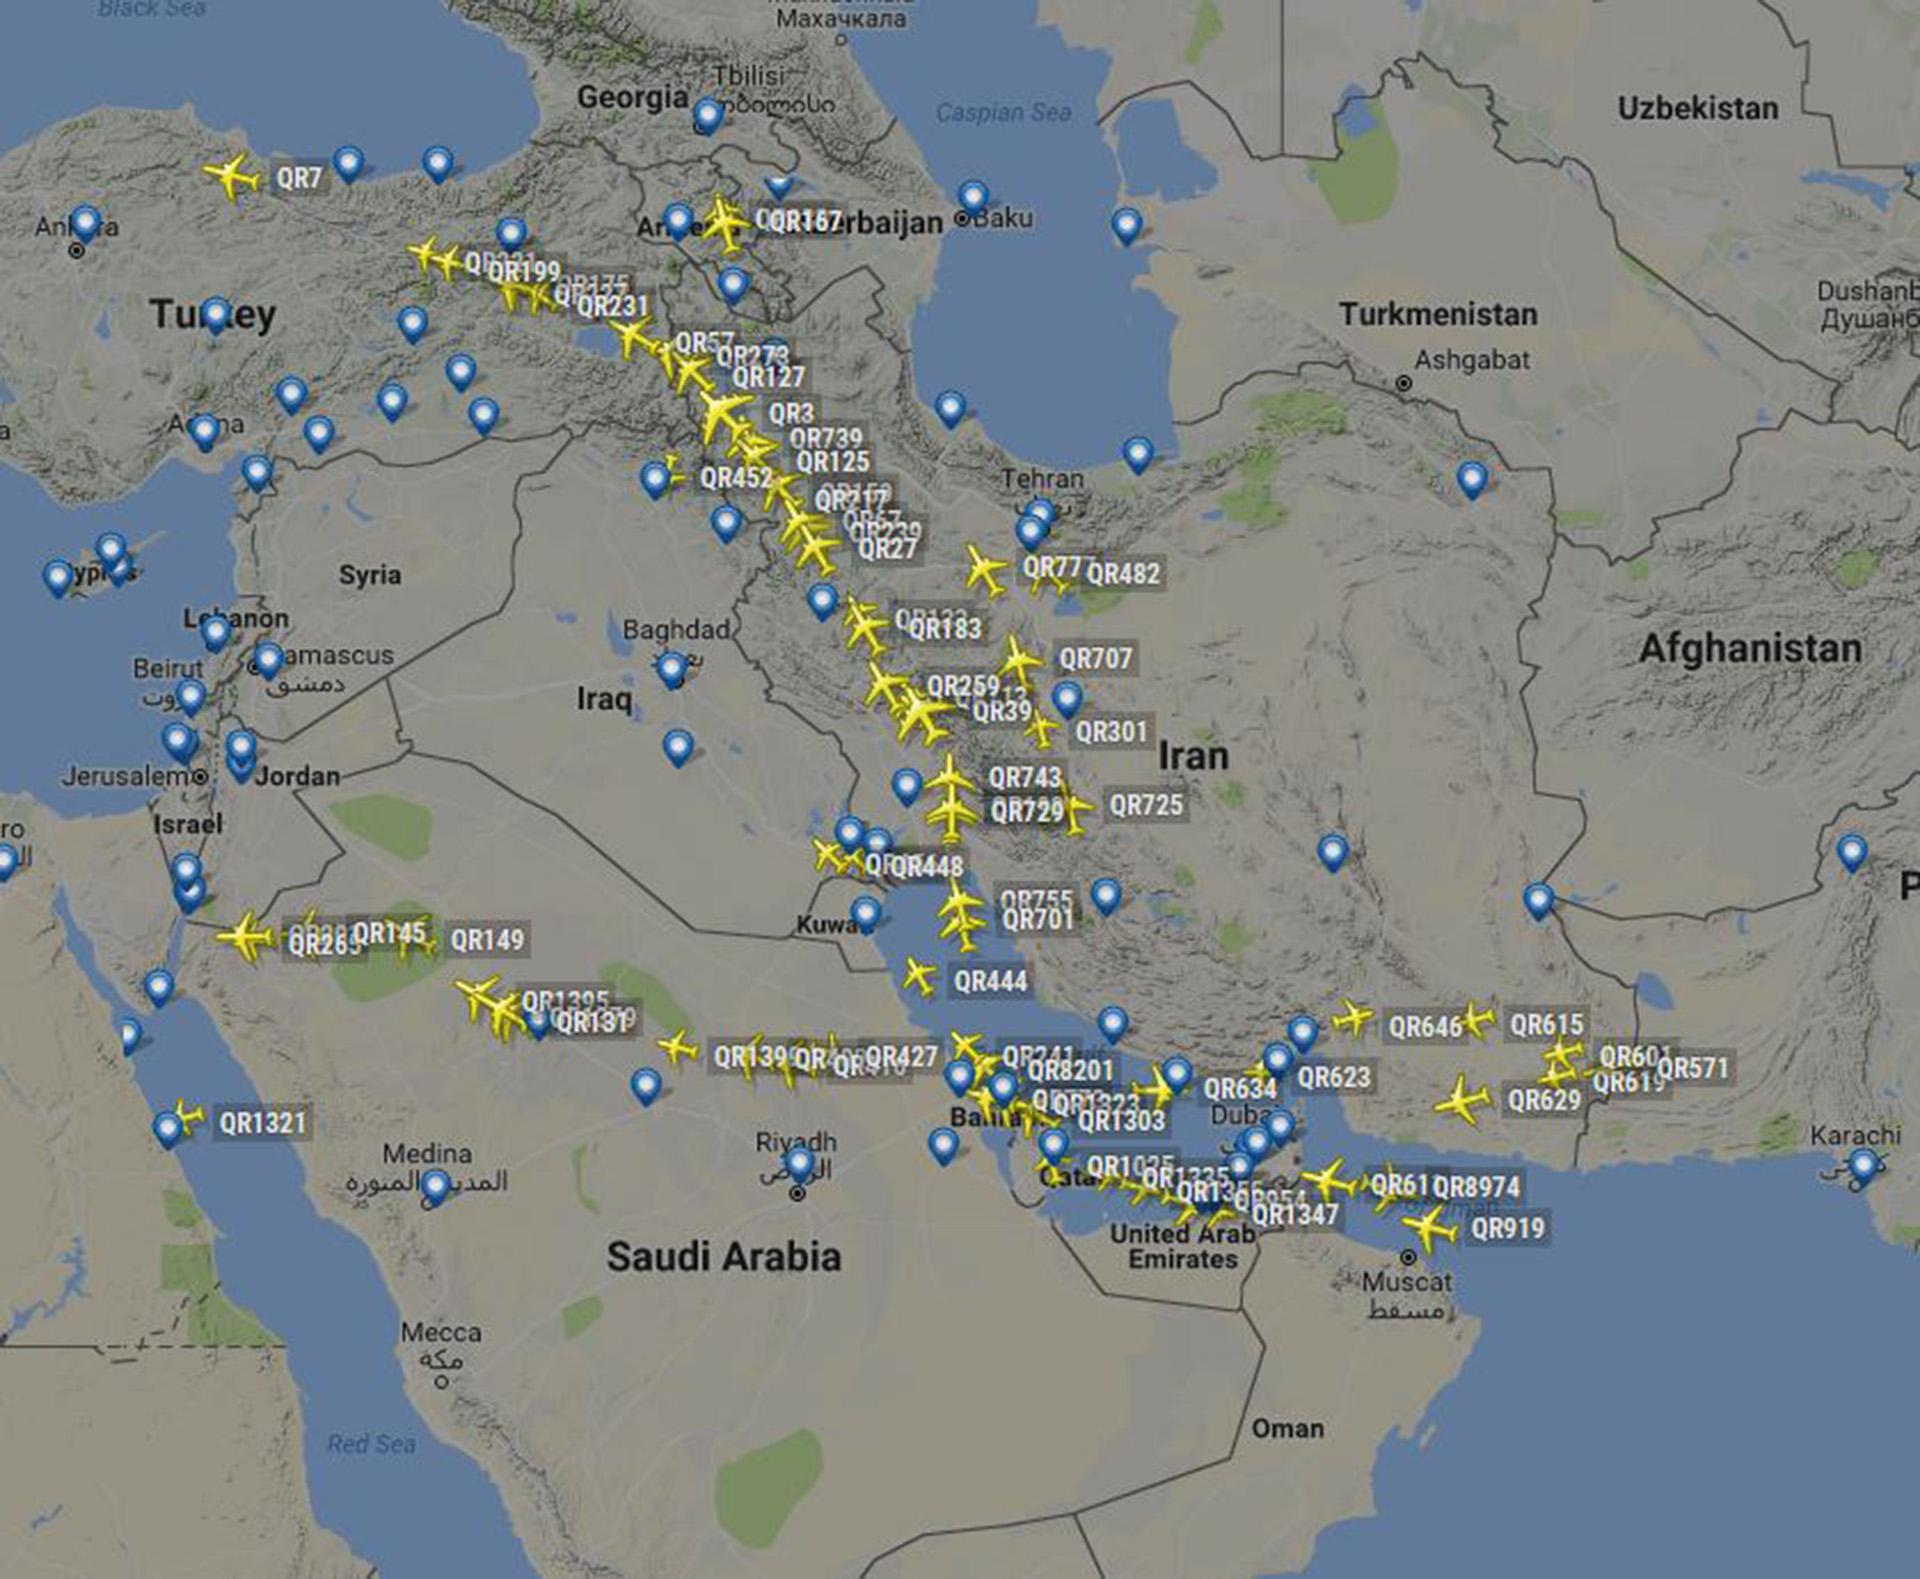 Aunque el bloqueo formal comenzará mañana, Qatar comienza a evitar el espacio aéreo saudita y realiza sus vuelos a Europa atravesando Irán y evitando a Iraq (@samtamiz/FlightRadar24)